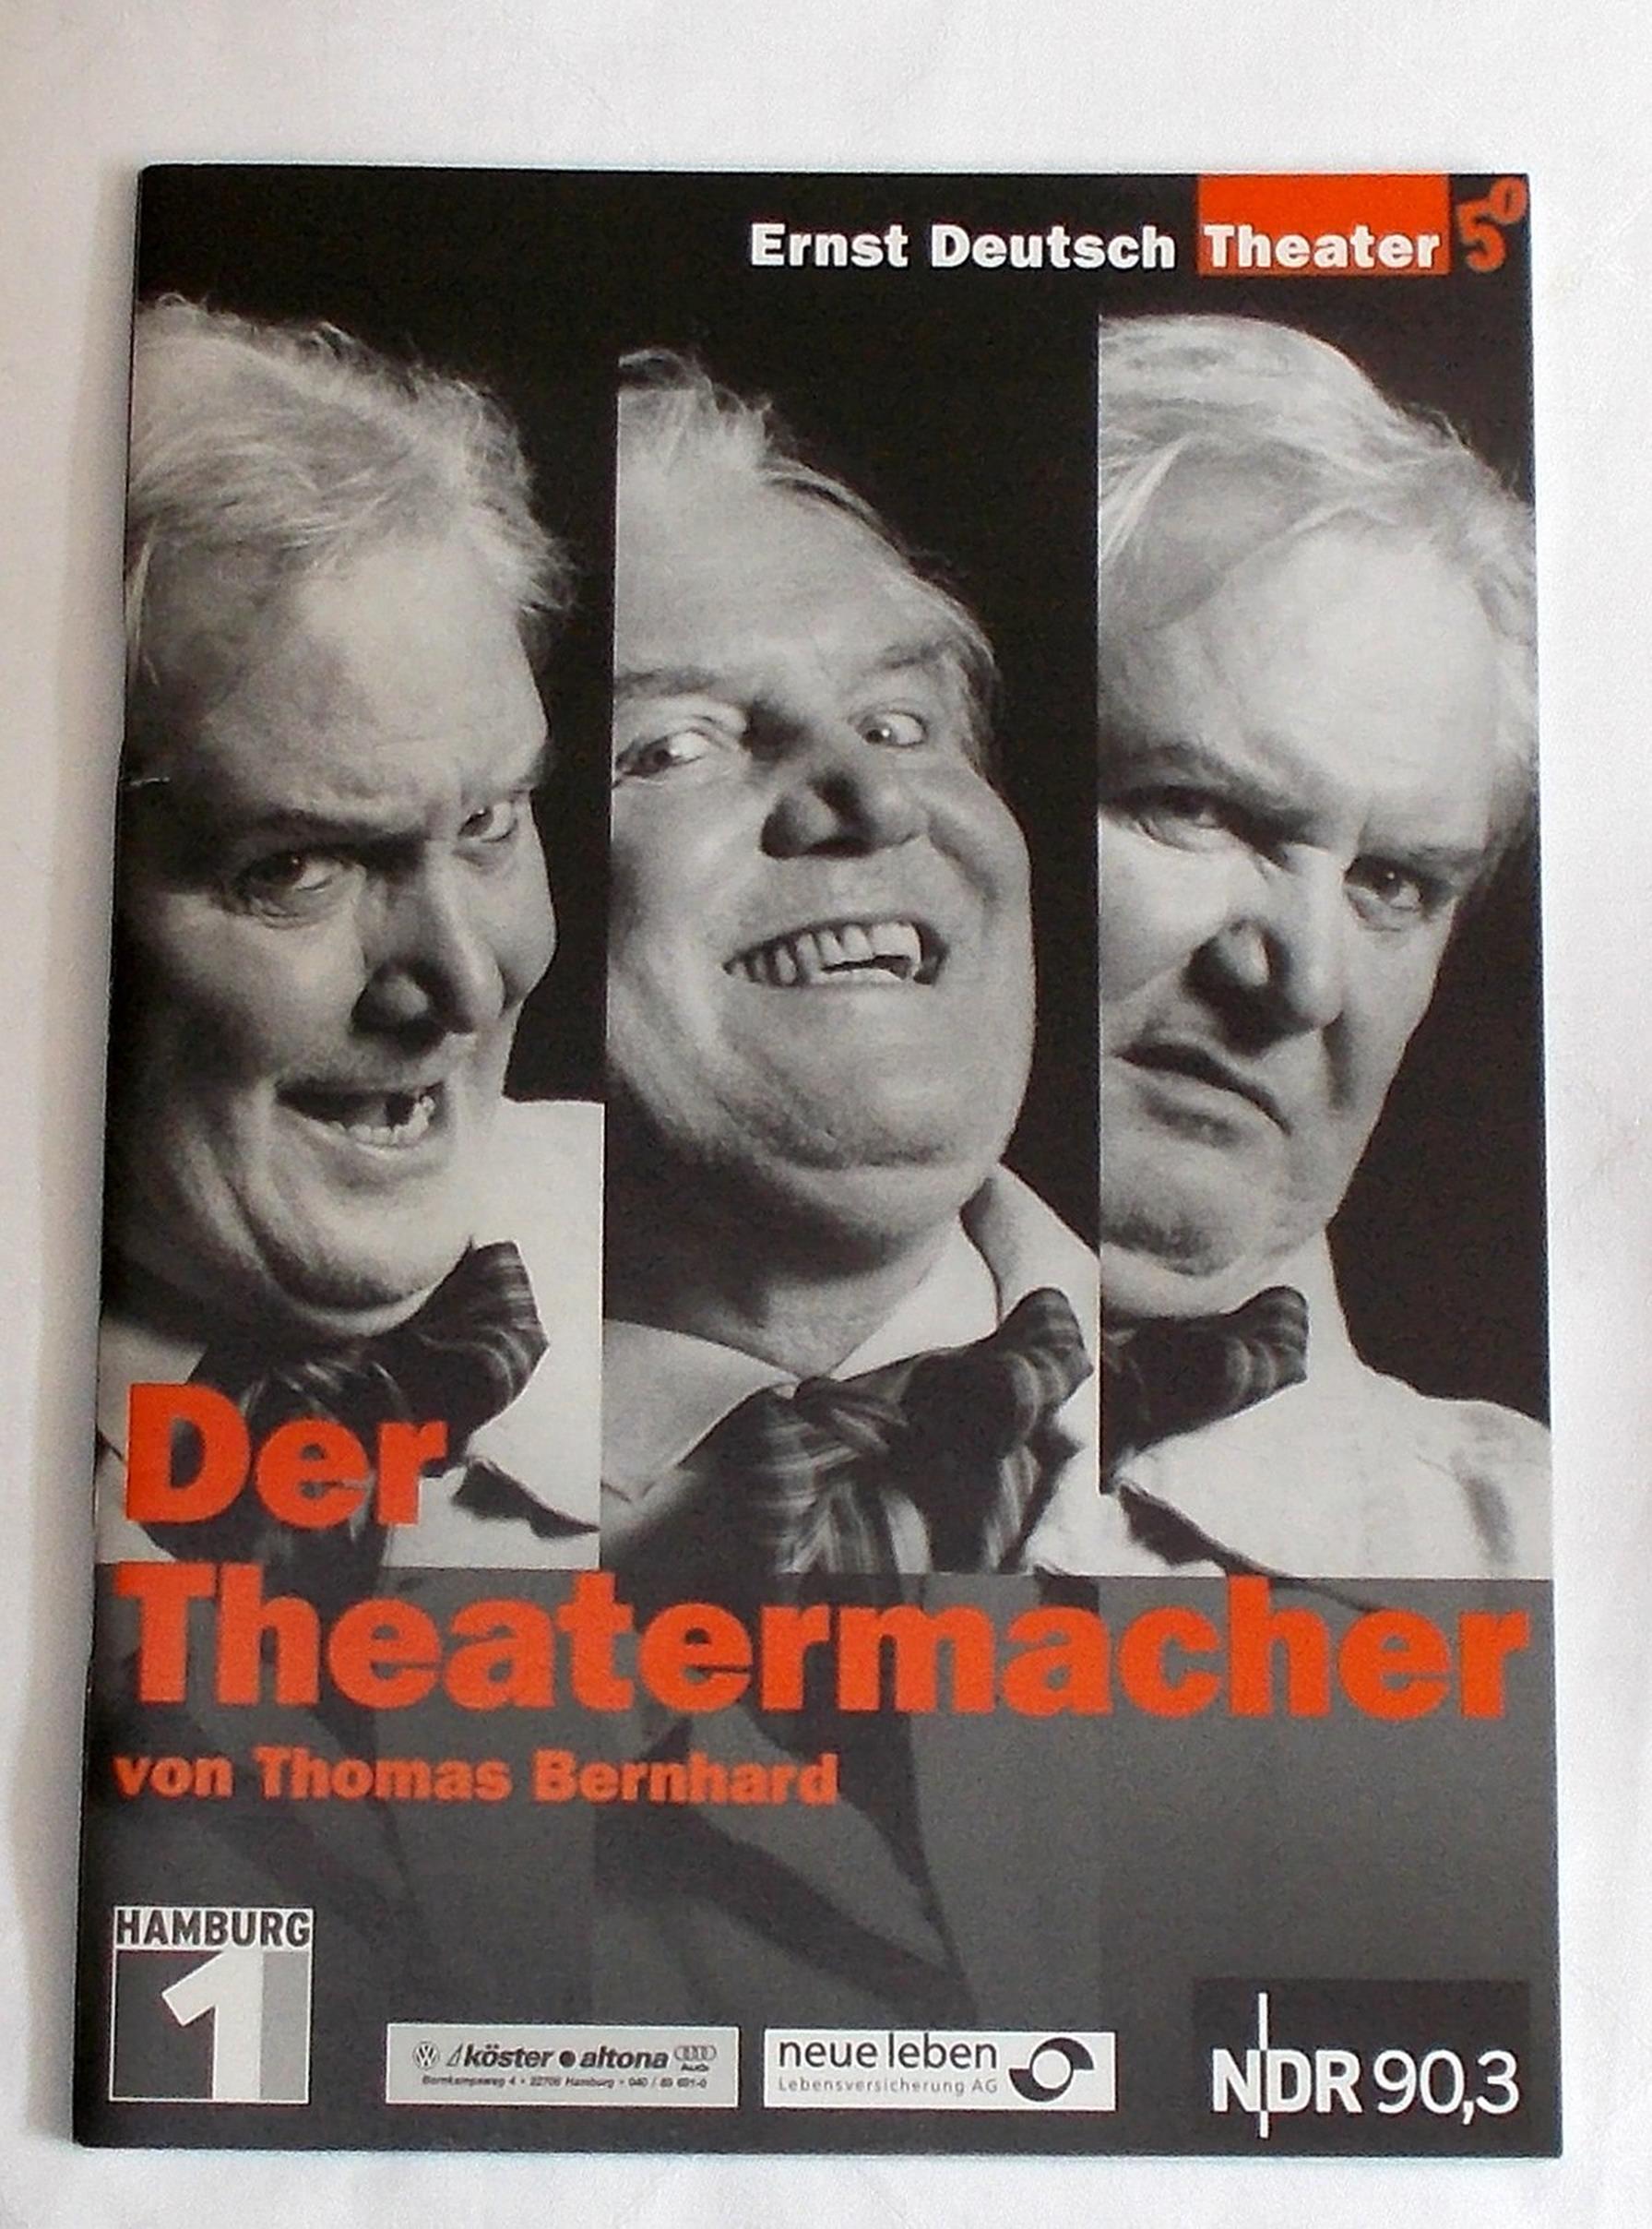 Programmheft Der Theatermacher von Thomas Bernhard. Ernst Deutsch Theater 2002